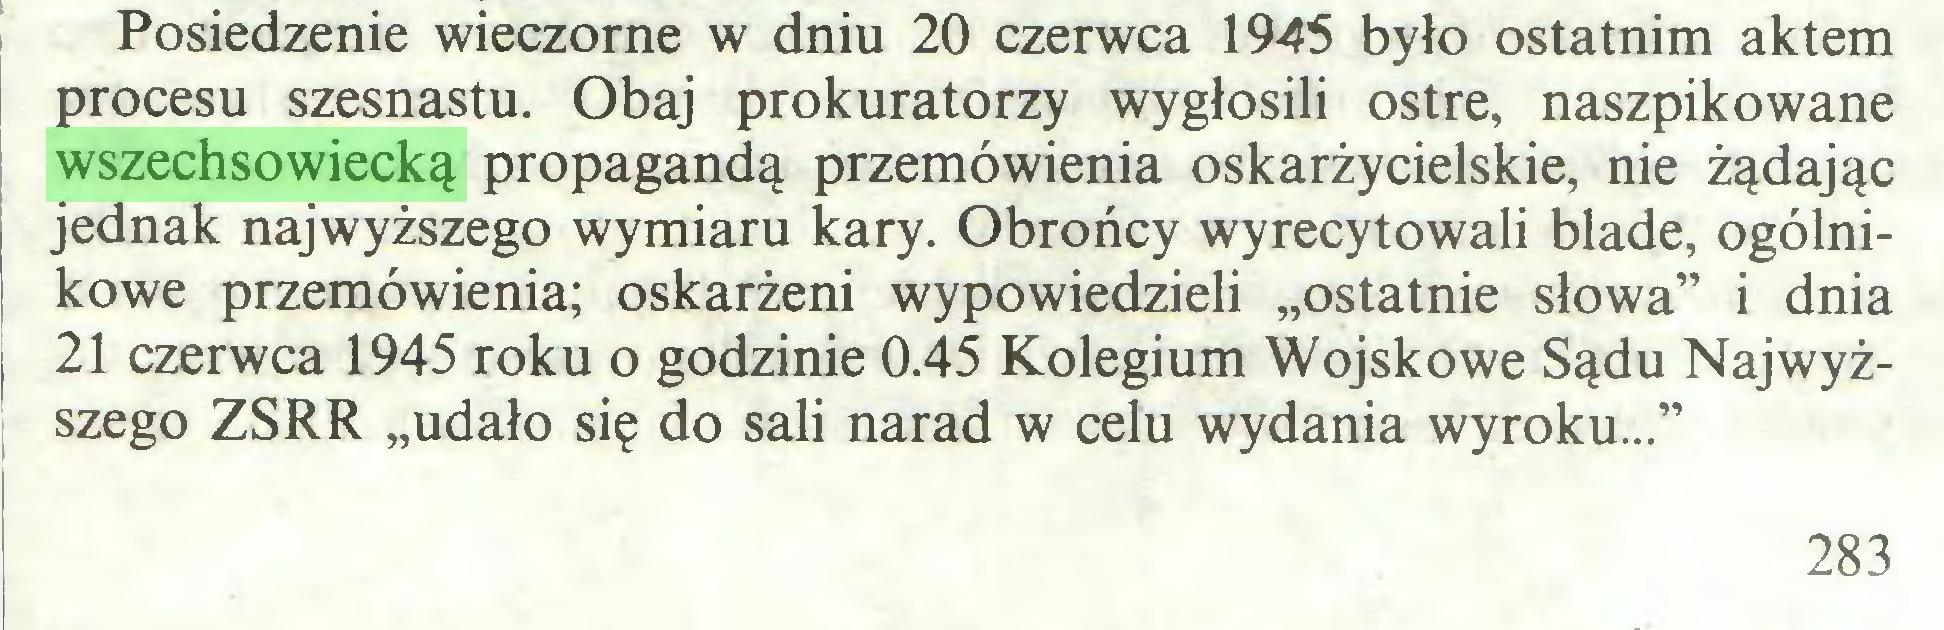 """(...) Posiedzenie wieczorne w dniu 20 czerwca 1945 było ostatnim aktem procesu szesnastu. Obaj prokuratorzy wygłosili ostre, naszpikowane wszechsowiecką propagandą przemówienia oskarżycielskie, nie żądając jednak najwyższego wymiaru kary. Obrońcy wyrecytowali blade, ogólnikowe przemówienia; oskarżeni wypowiedzieli """"ostatnie słowa"""" i dnia 21 czerwca 1945 roku o godzinie 0.45 Kolegium Wojskowe Sądu Najwyższego ZSRR """"udało się do sali narad w celu wydania wyroku..."""" 283..."""